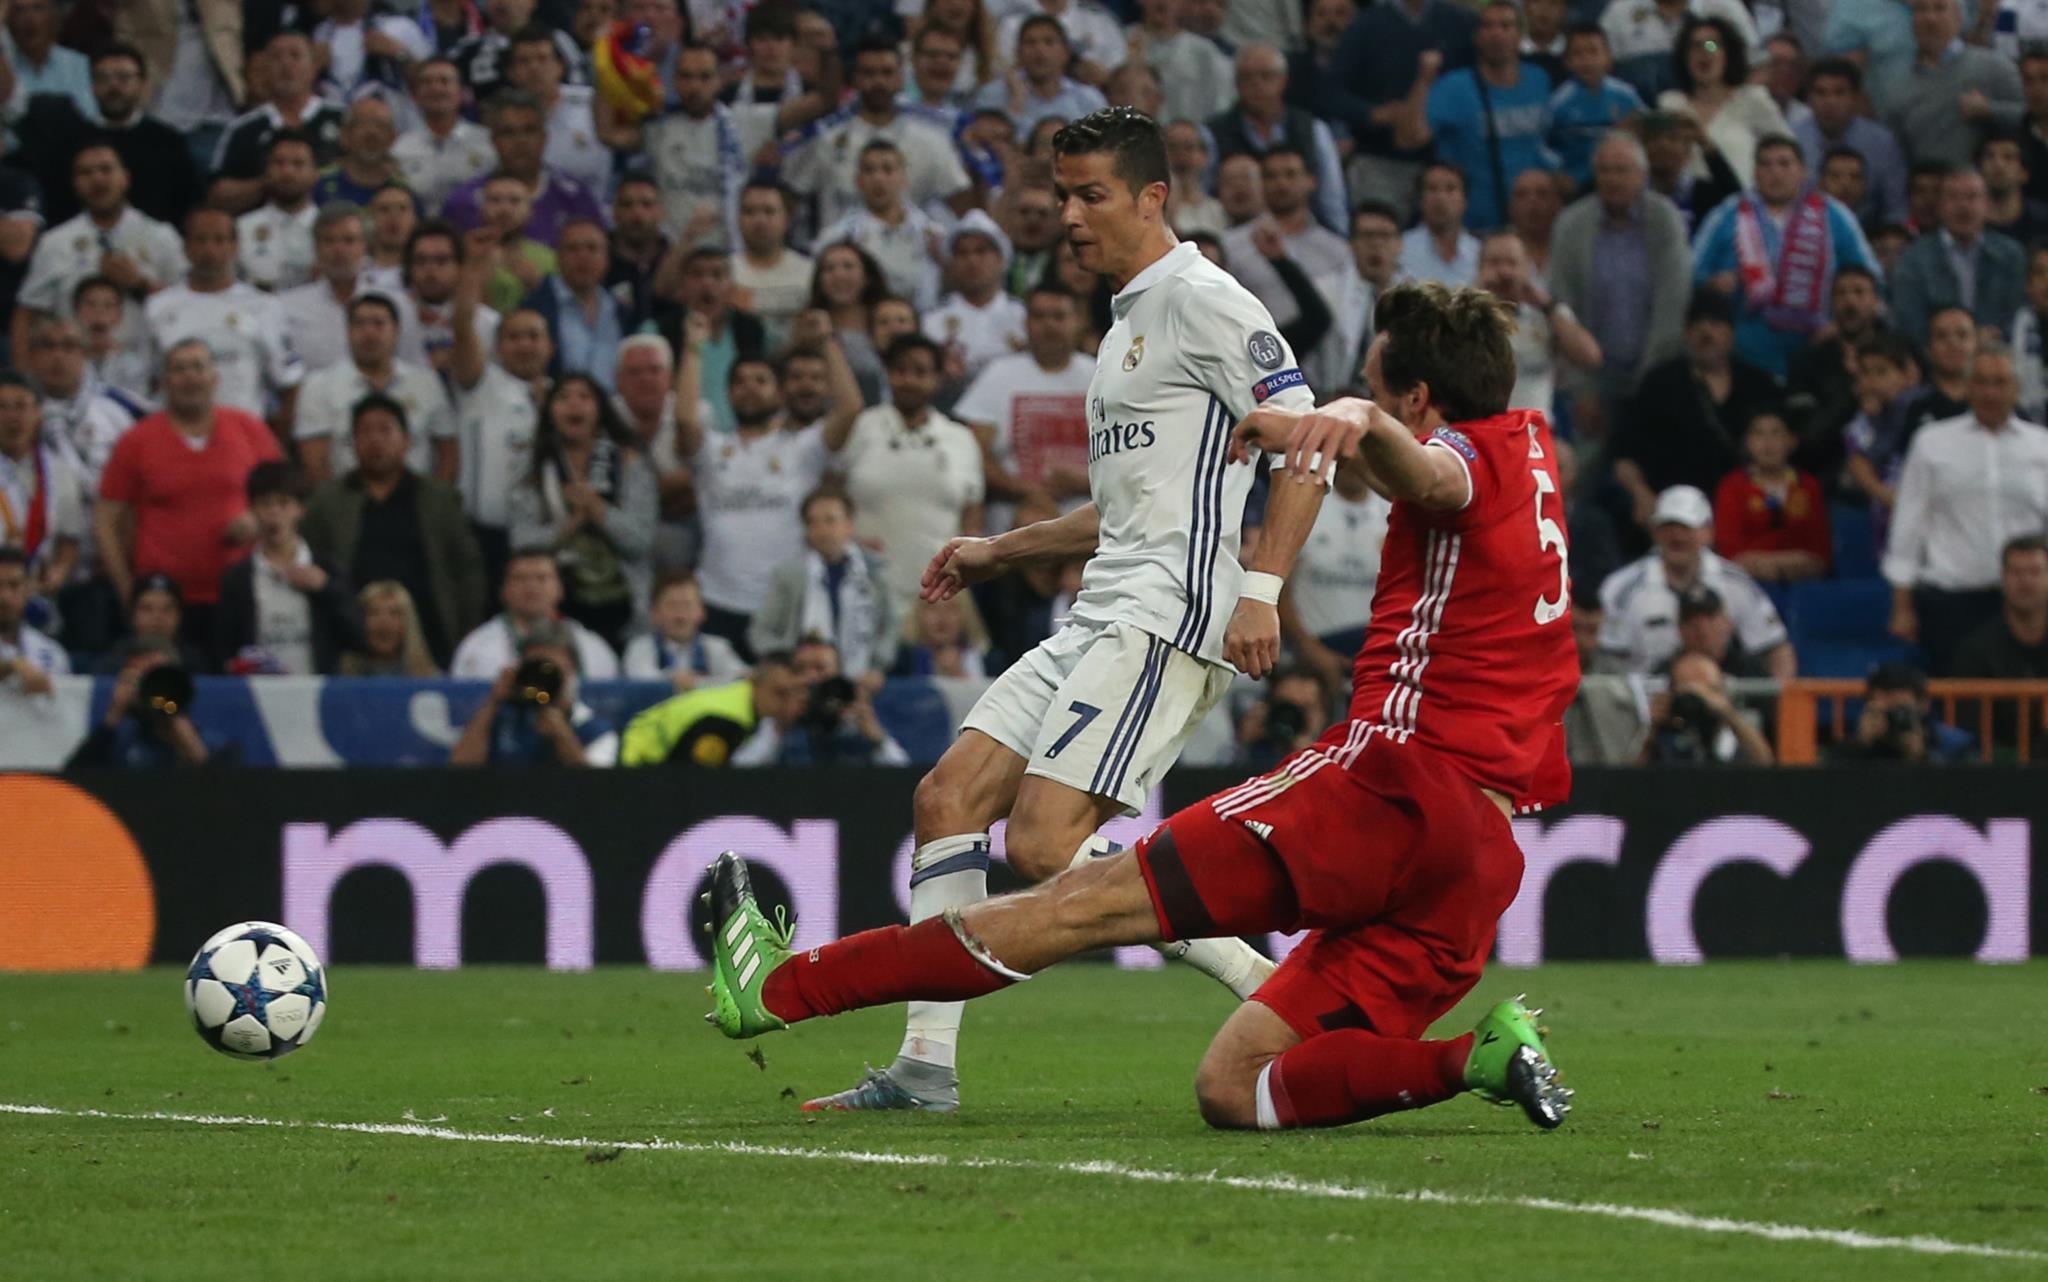 Depois, Ronaldo teve só de enconstar para completar o <i>hat-trick</i>